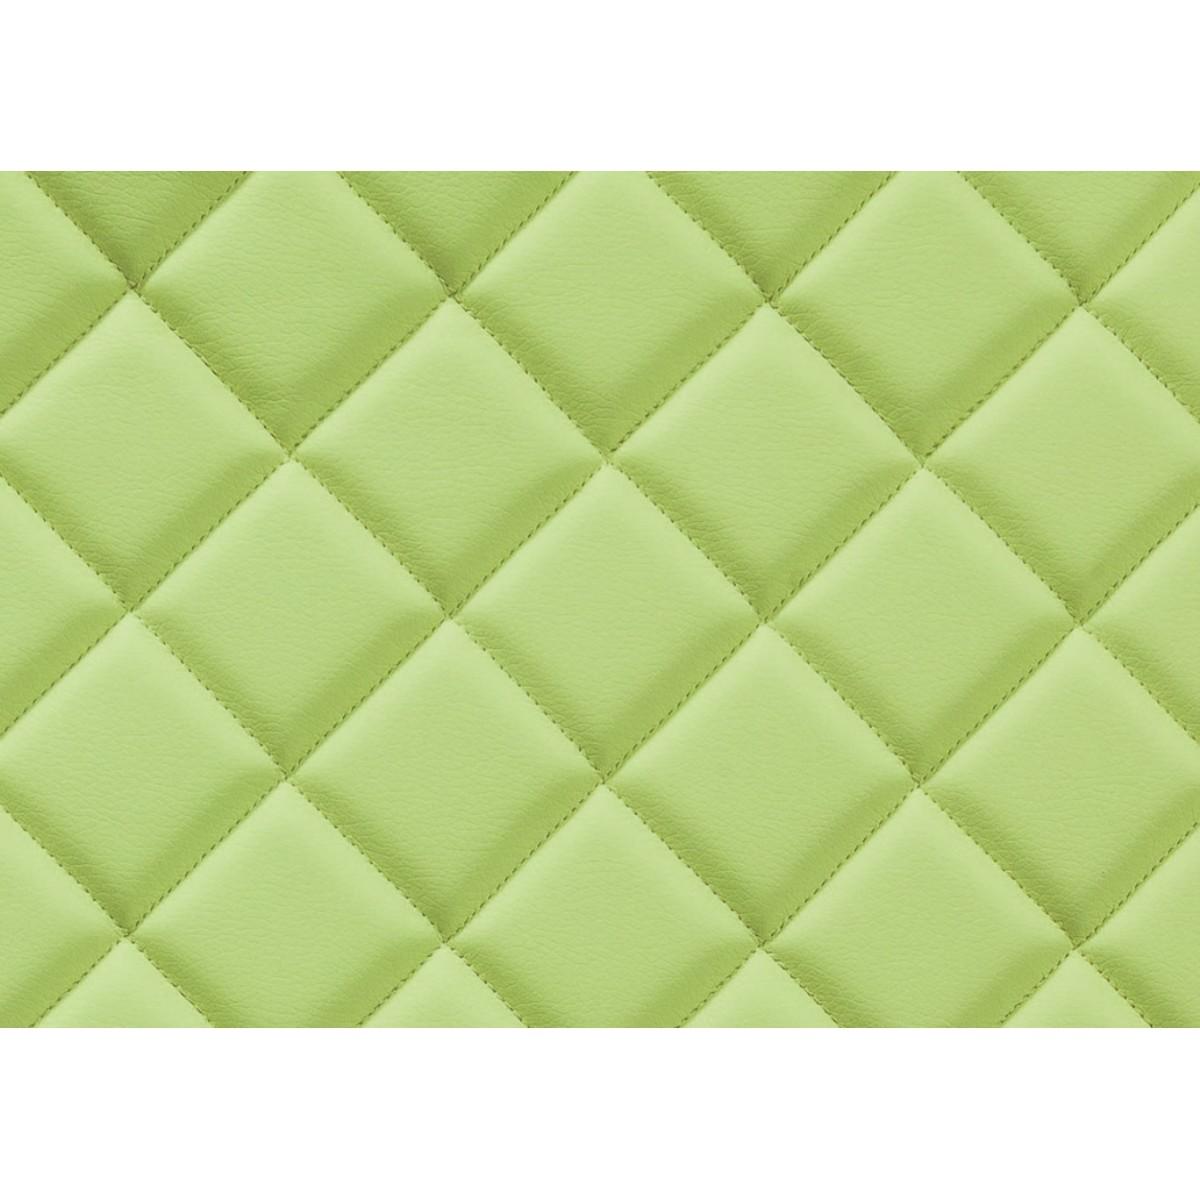 Обои текстильные Экоwall Classic зеленые 10-703-506-20 1.34 м